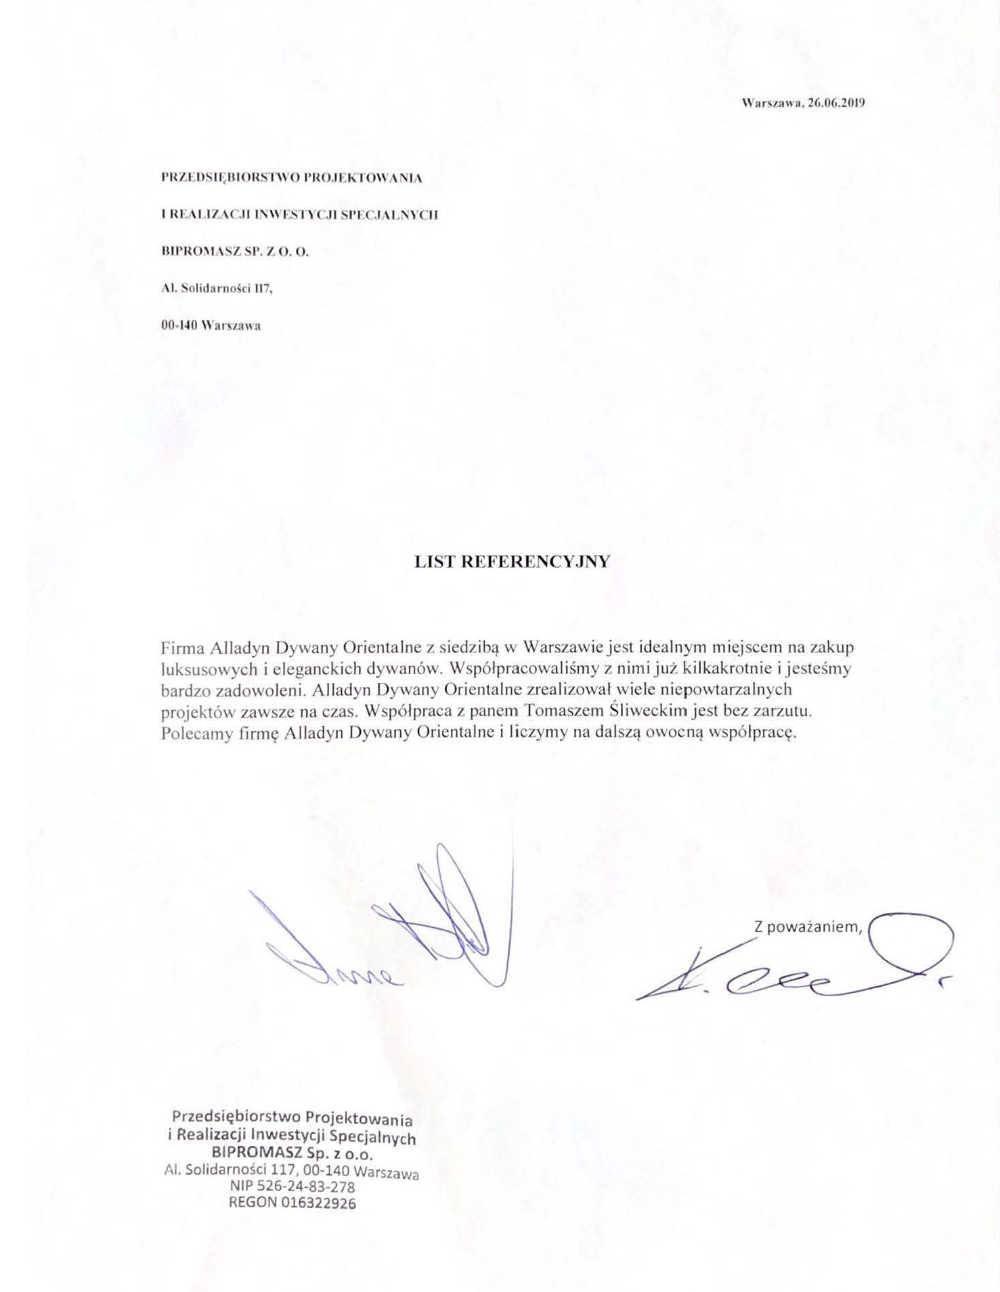 BIPROMASZ sp. z o.o. - referencje